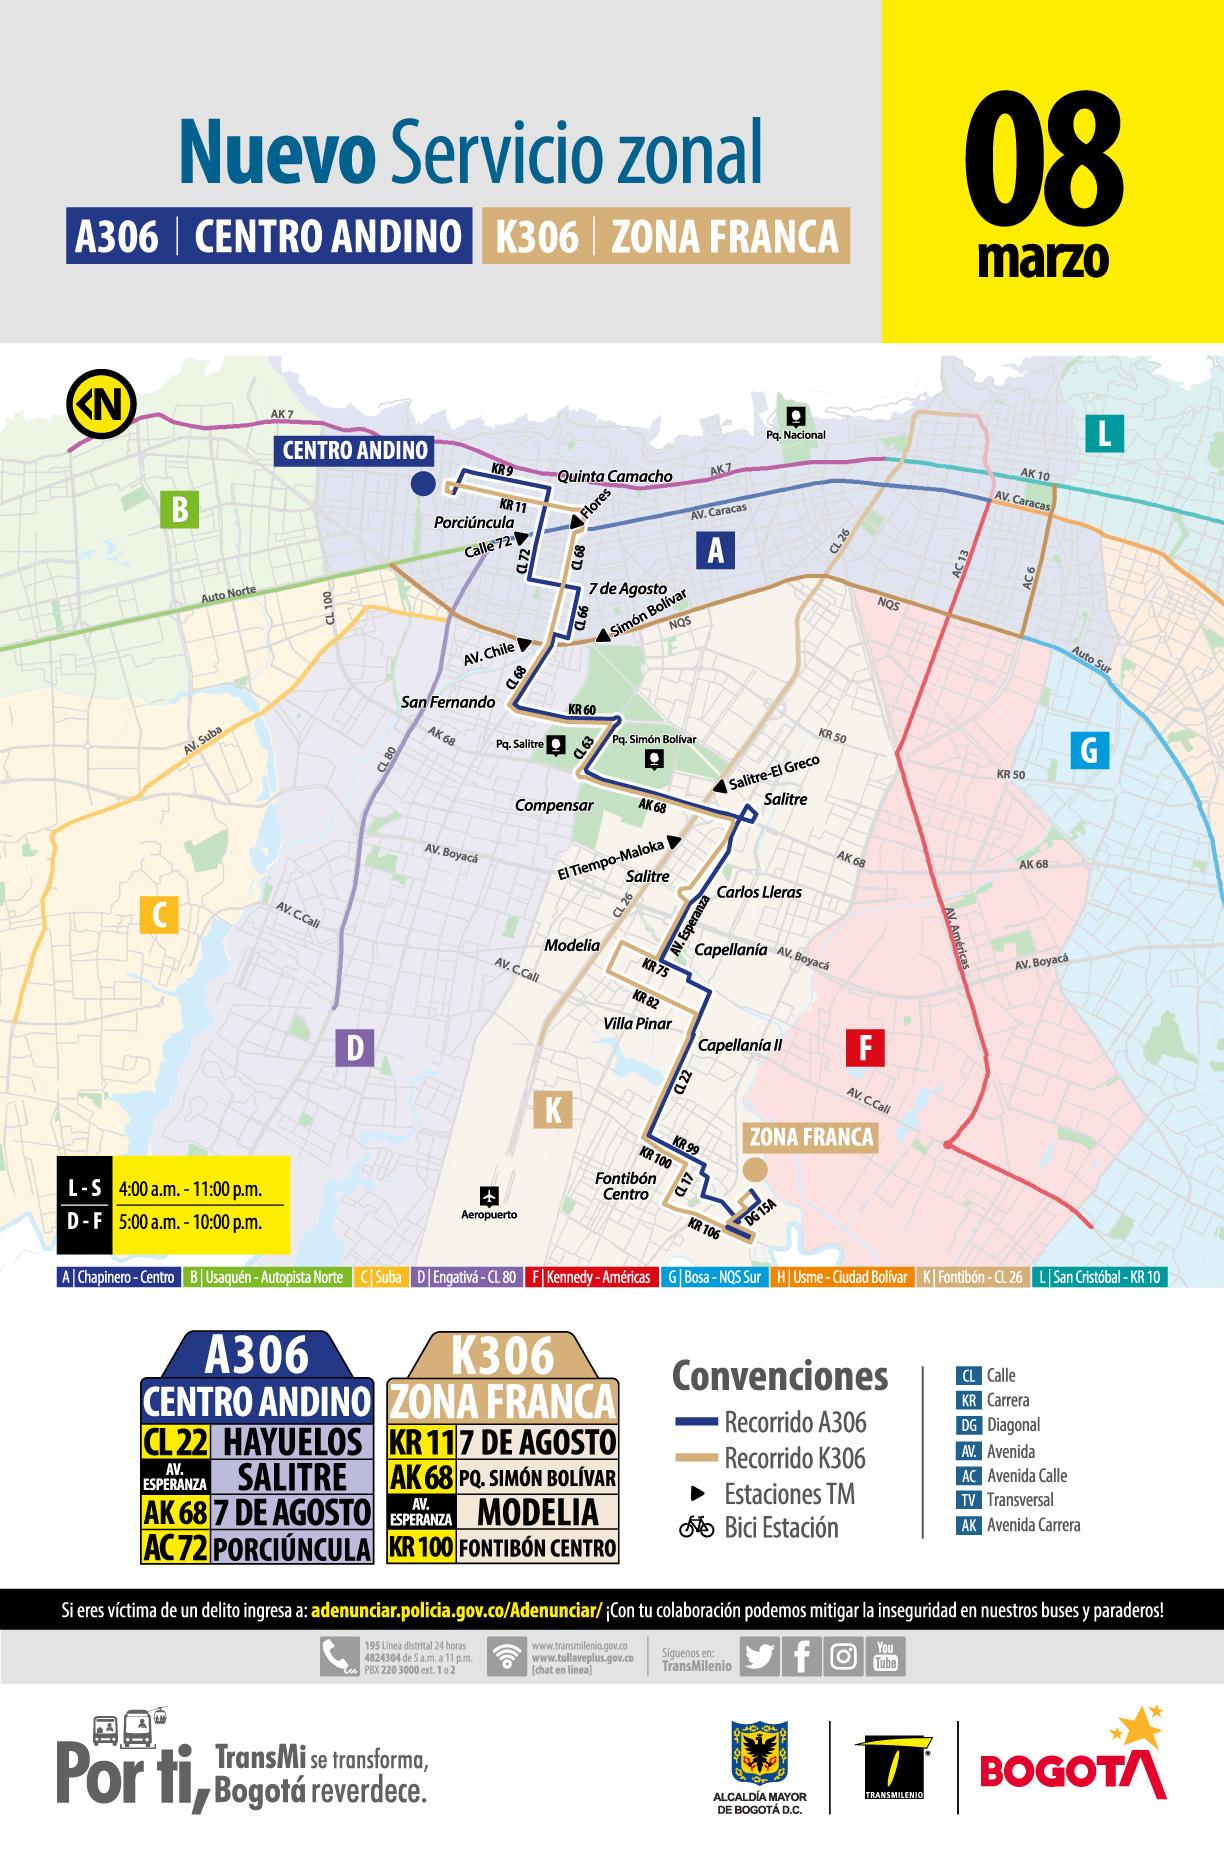 Mapa ruta A306 Centro Andino - K306 Zona Franca